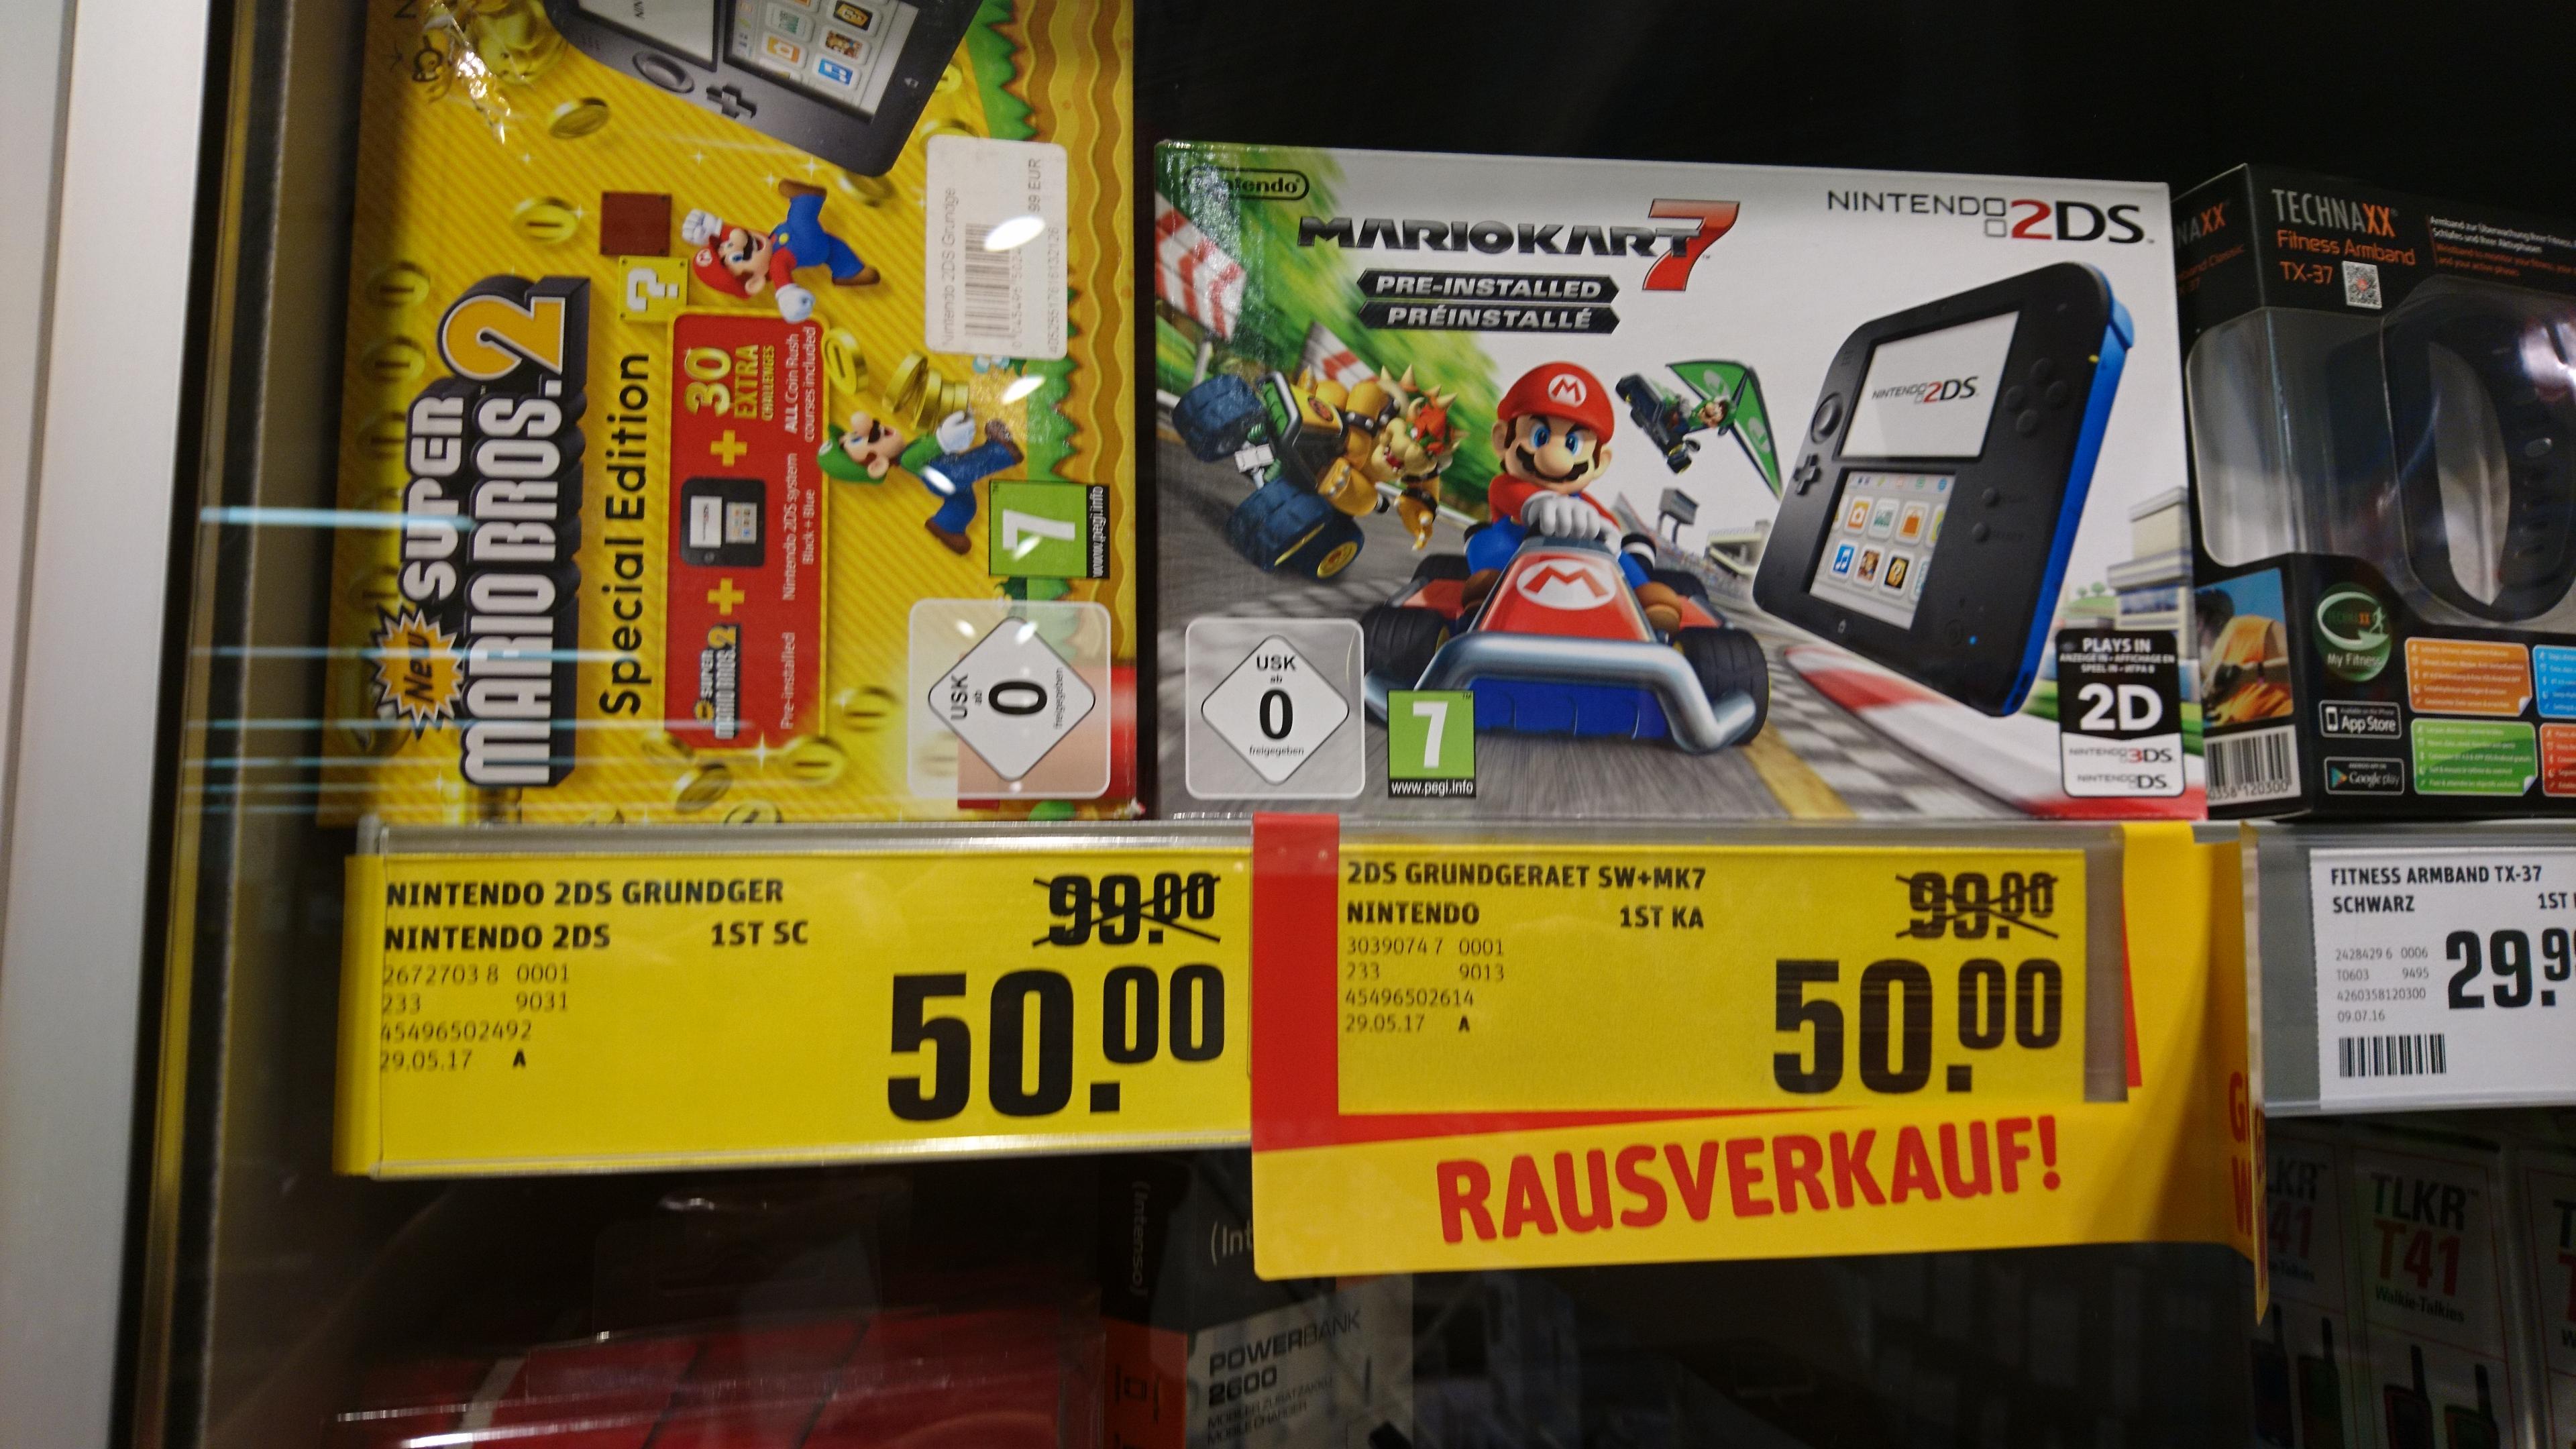 Lokal - Nintendo 2DS incl. Mario Kart 7 oder New Super Mario Bros. 2